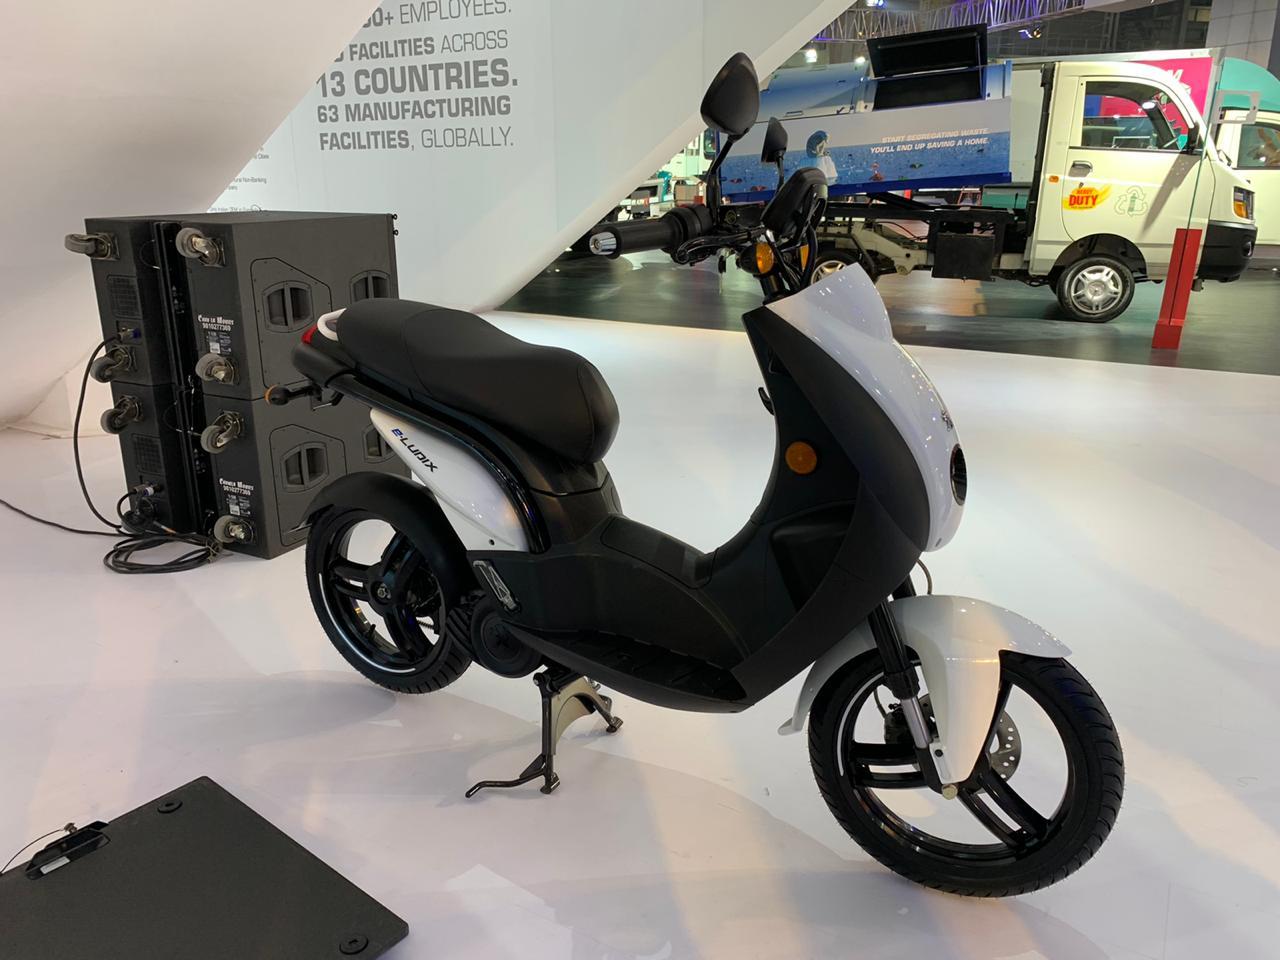 Peugeot e-Ludix at the Auto Expo 2020